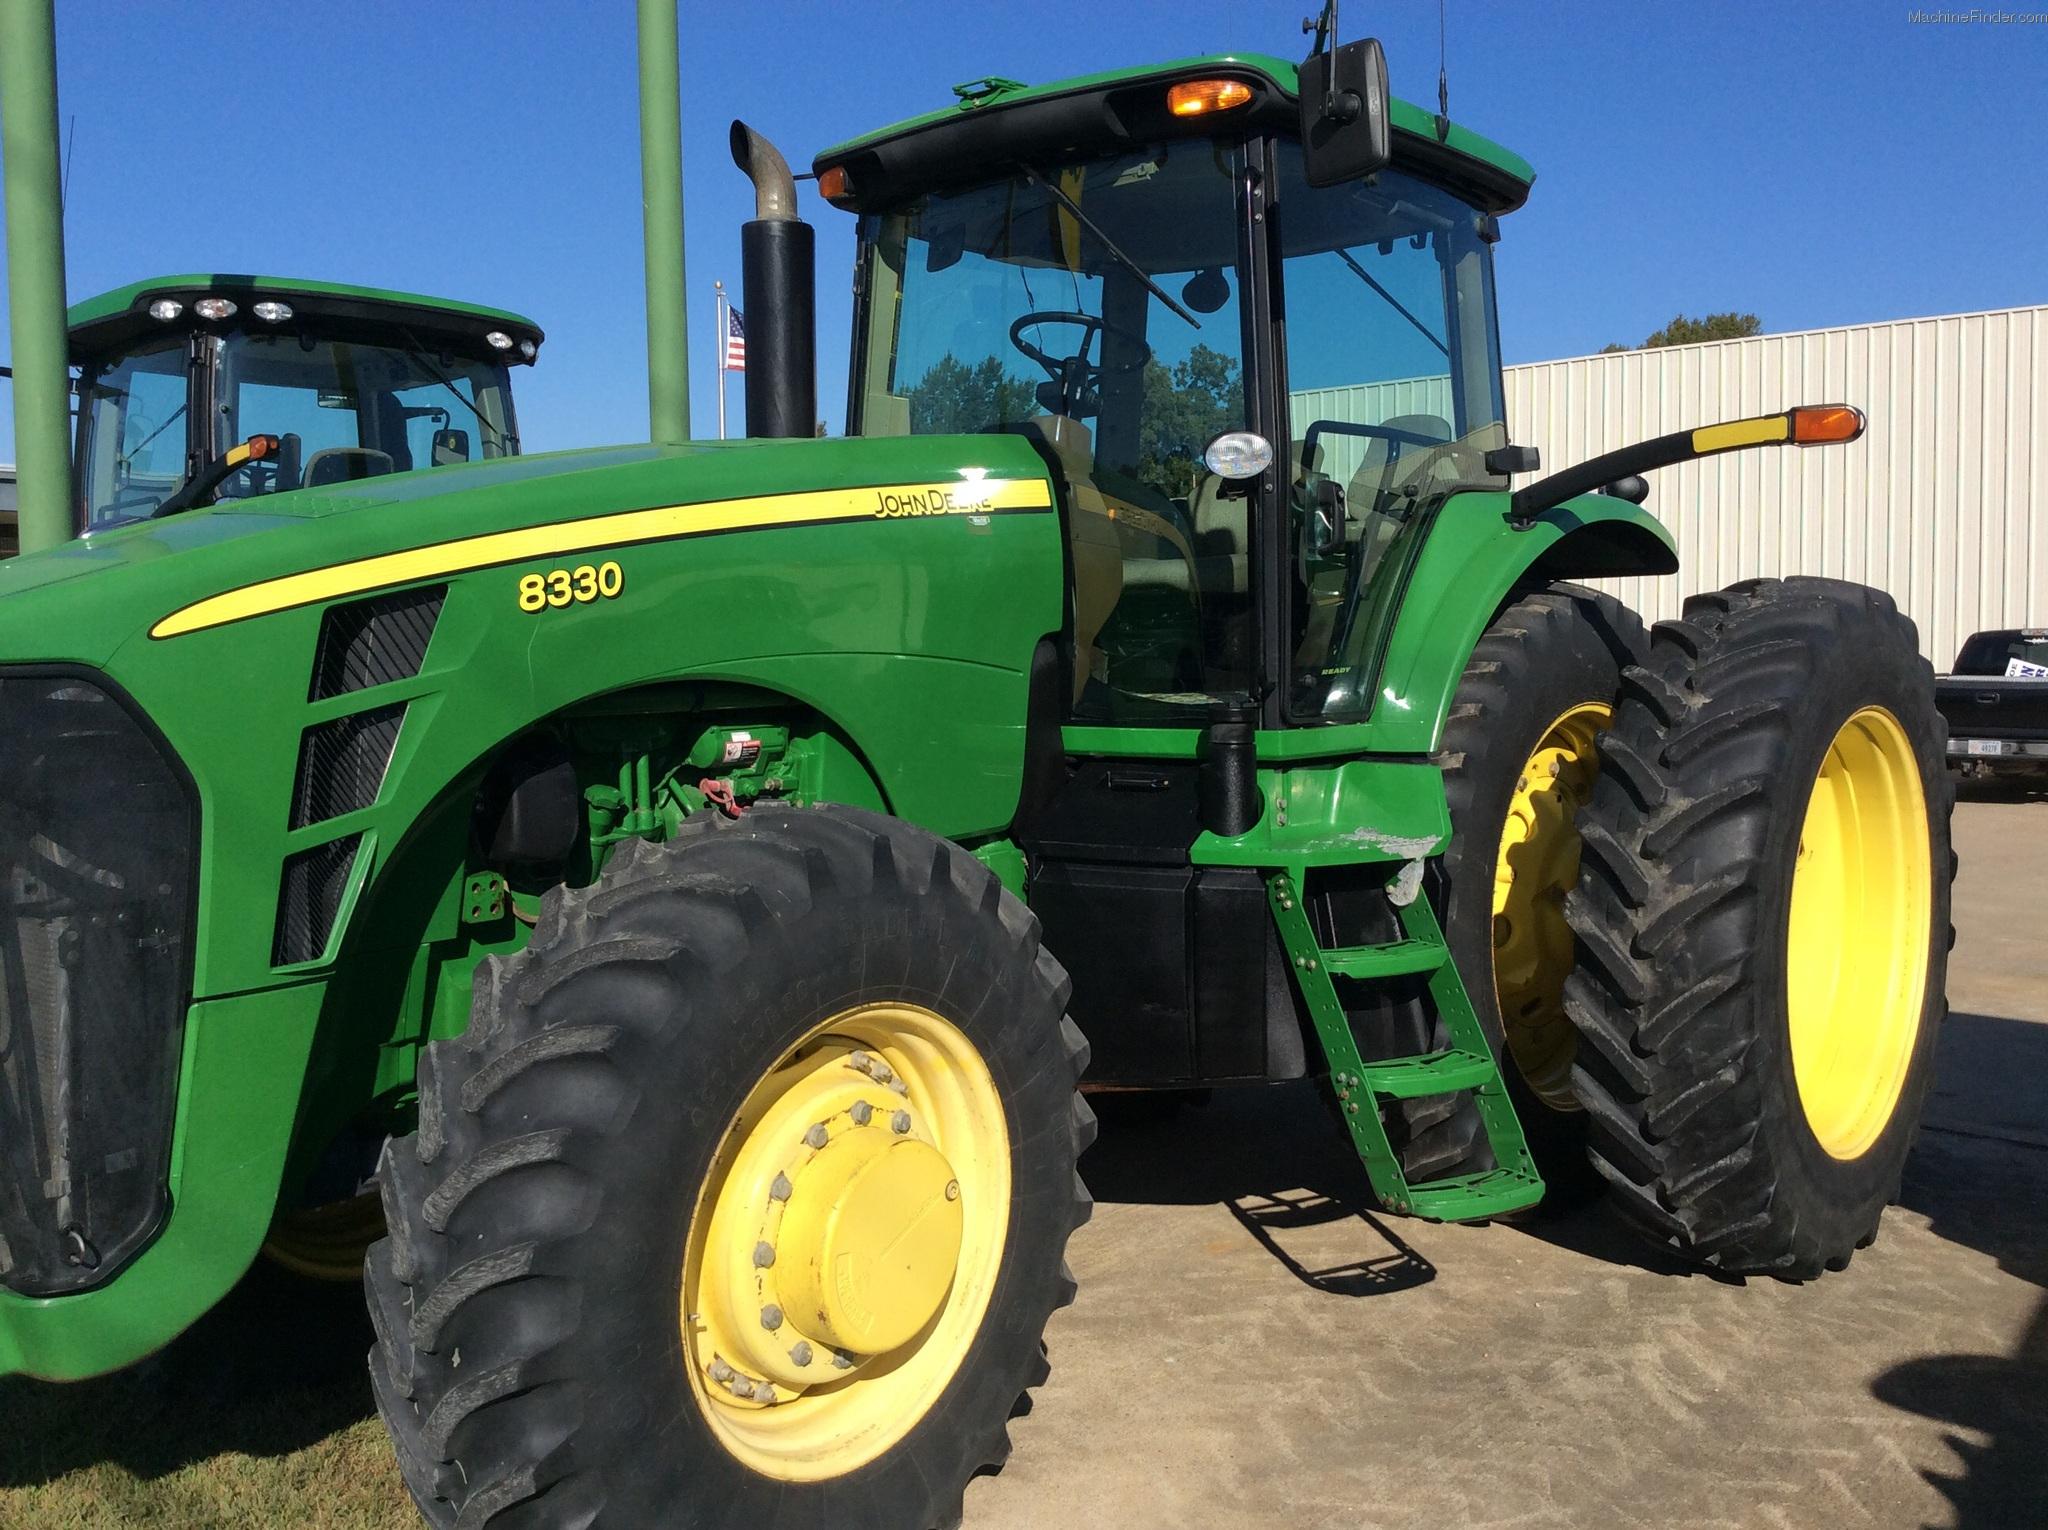 2007 John Deere 8330 Tractors - Row Crop (+100hp) - John ...